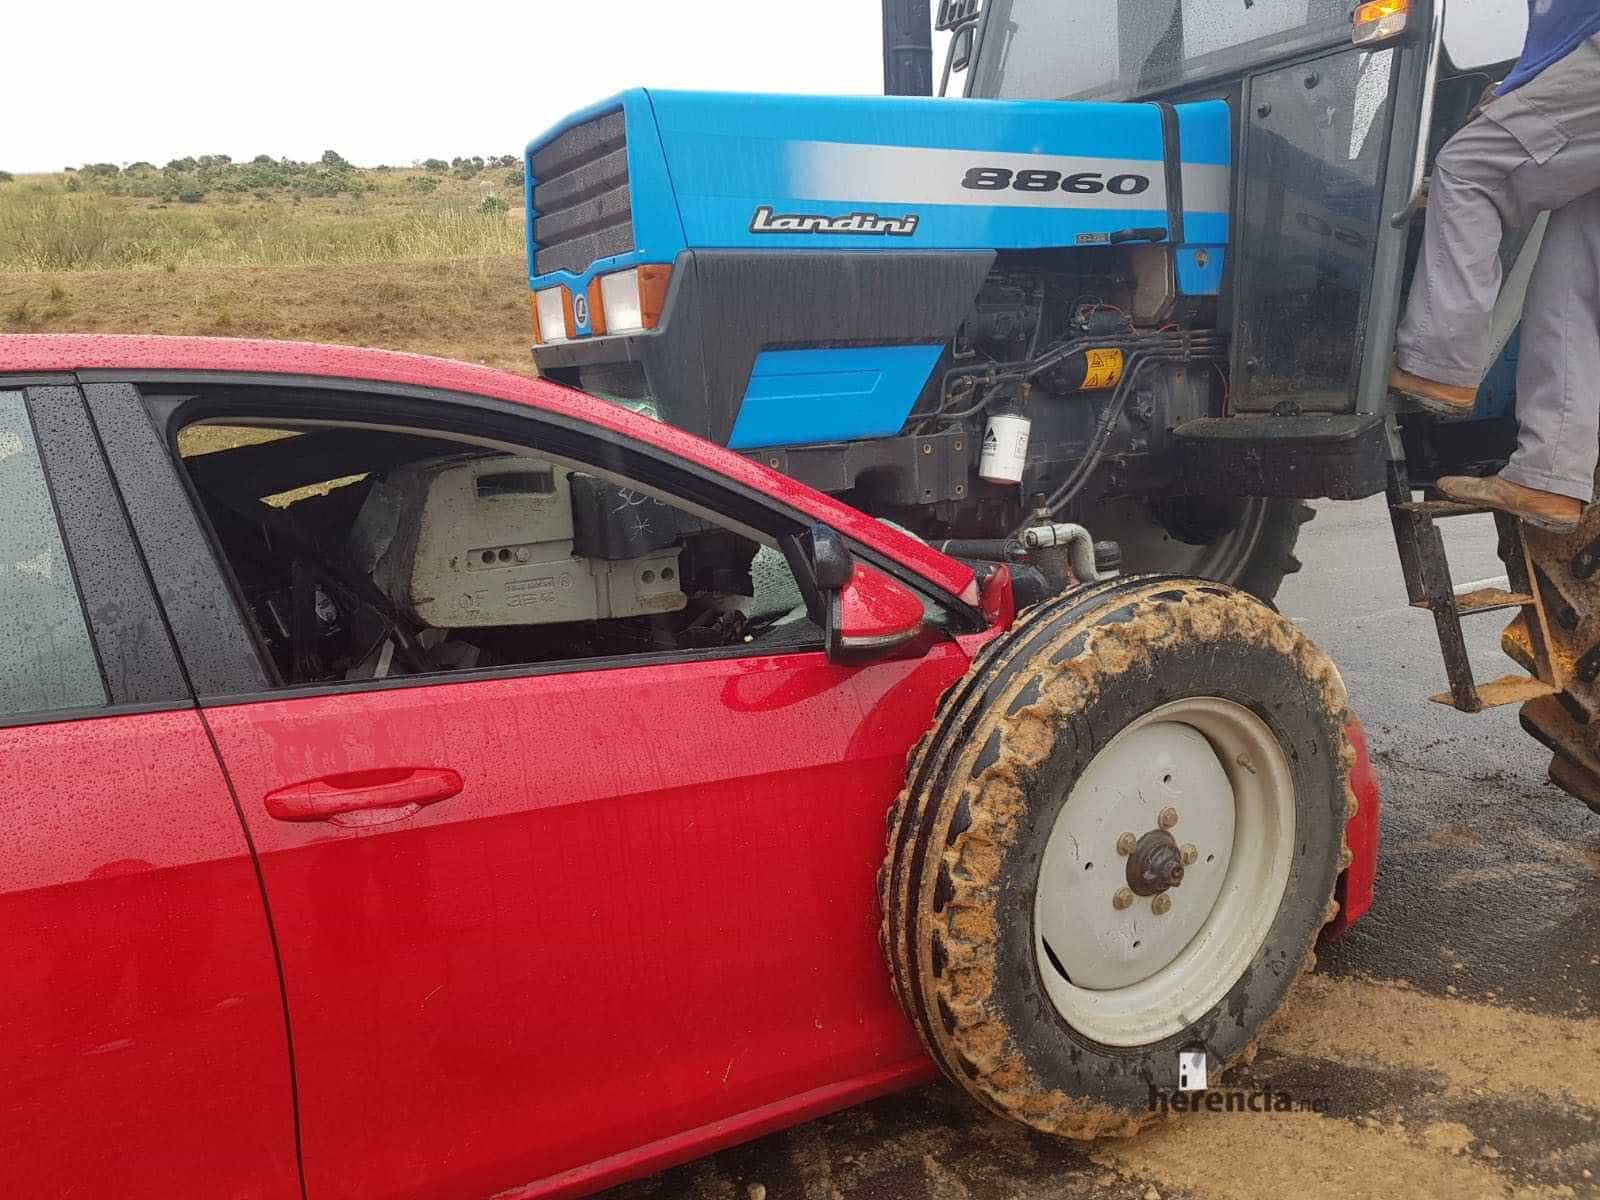 accidente tractor turismo herencia villarta de san juan 2 - Accidente con heridos en la carretera que une Herencia y Villarta de San Juan